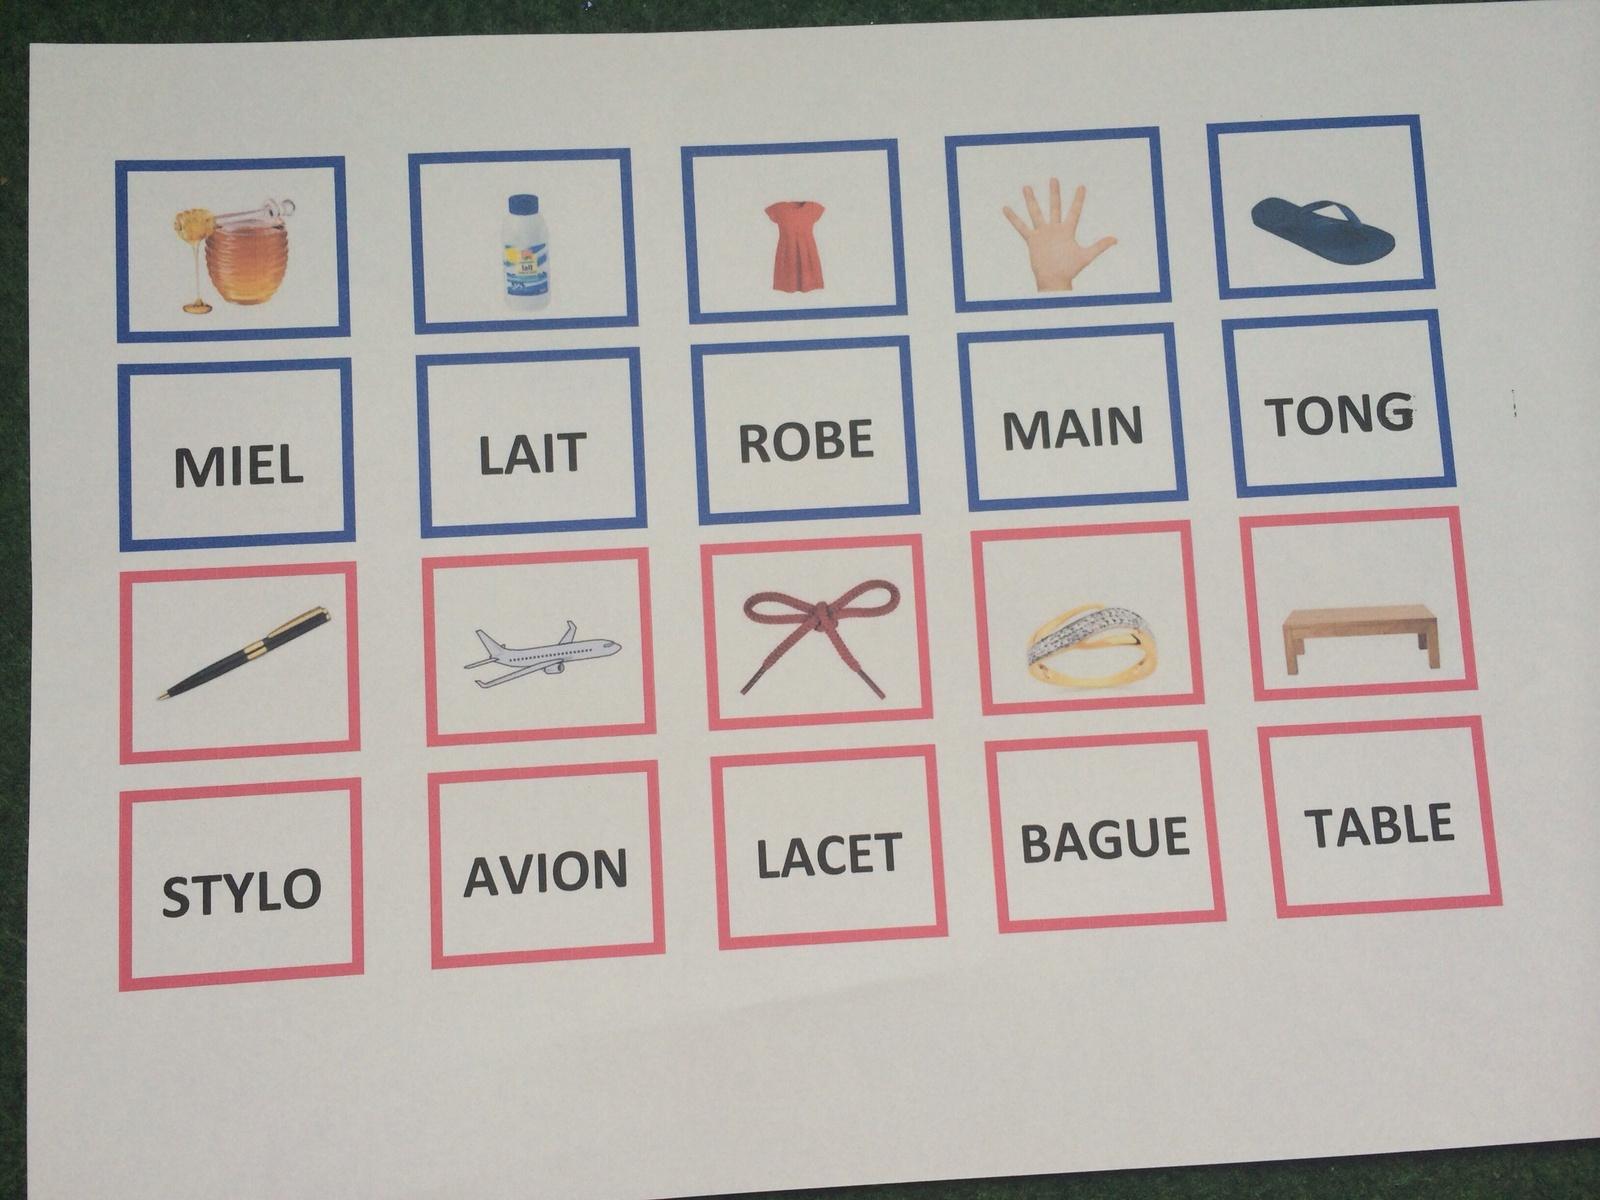 Apprendre L'alphabet, Lire Et Écrire - Apprends Moi Ummi à Apprendre L Alphabet En Francais Maternelle